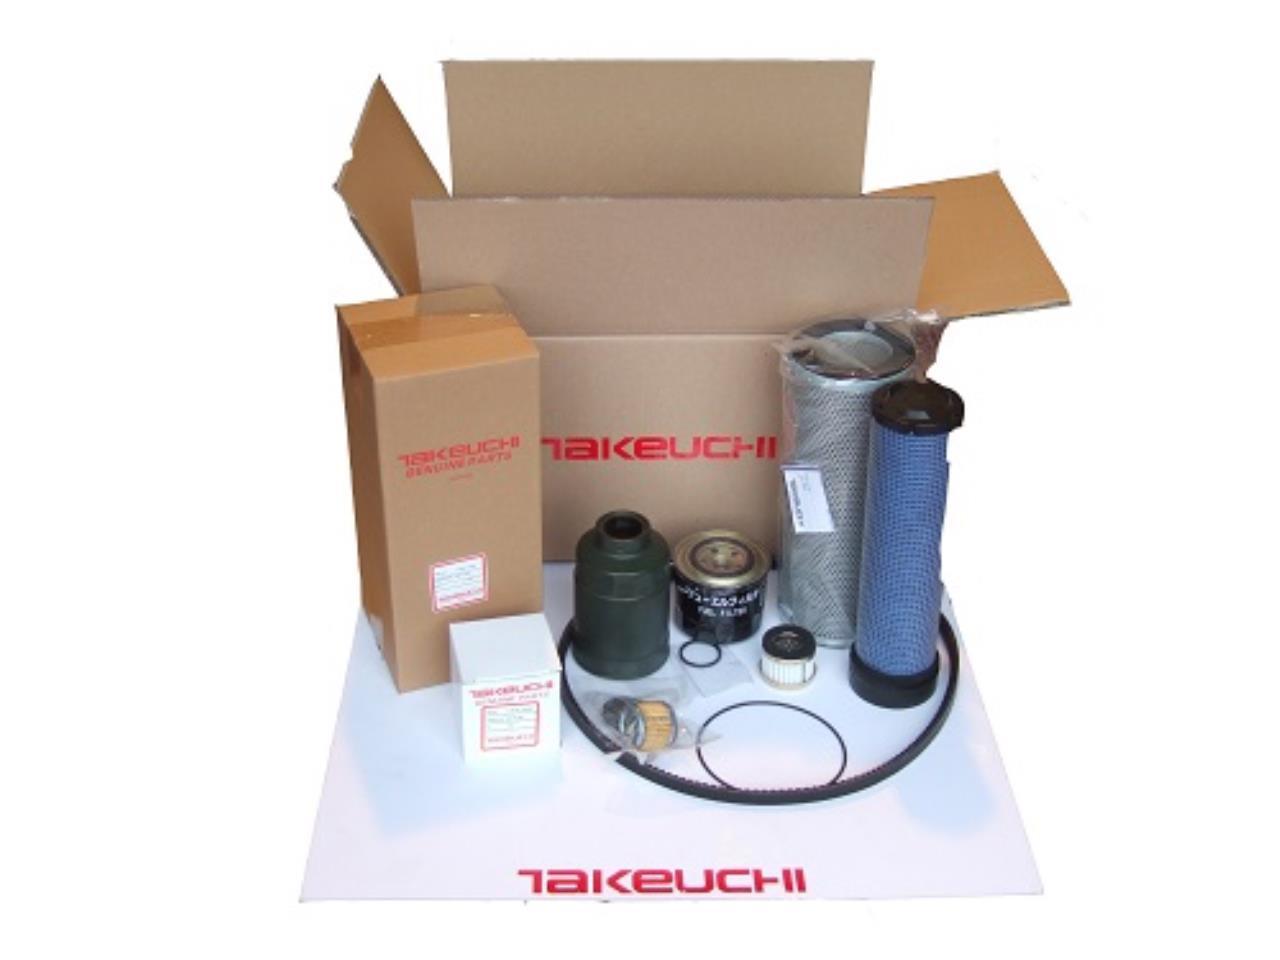 Takeuchi TB175 filtersæt, fra s/n: 17512105